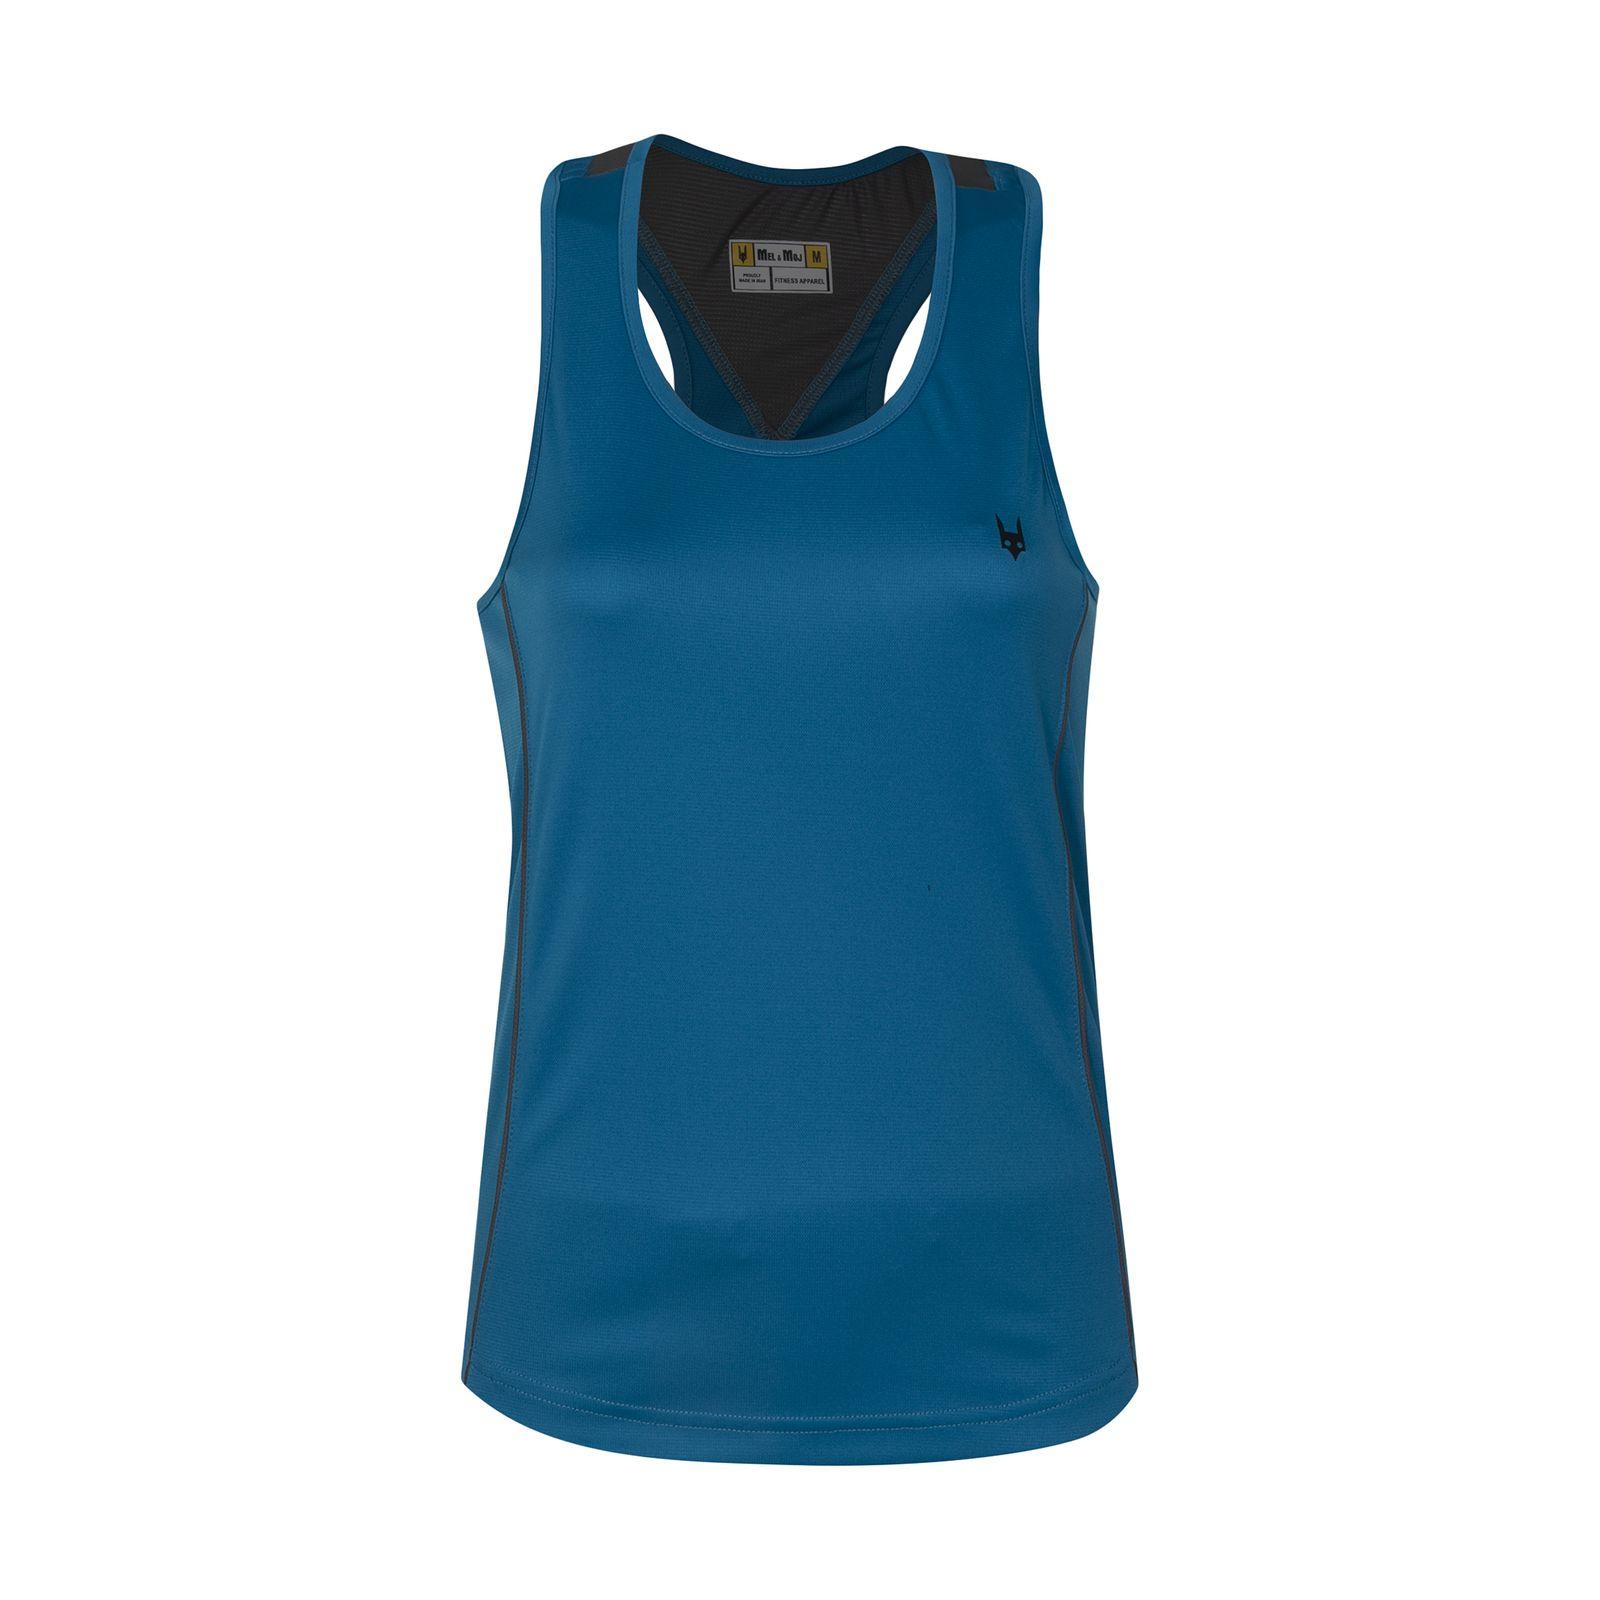 تاپ ورزشی زنانه مل اند موژ مدل W06339-410 -  - 2